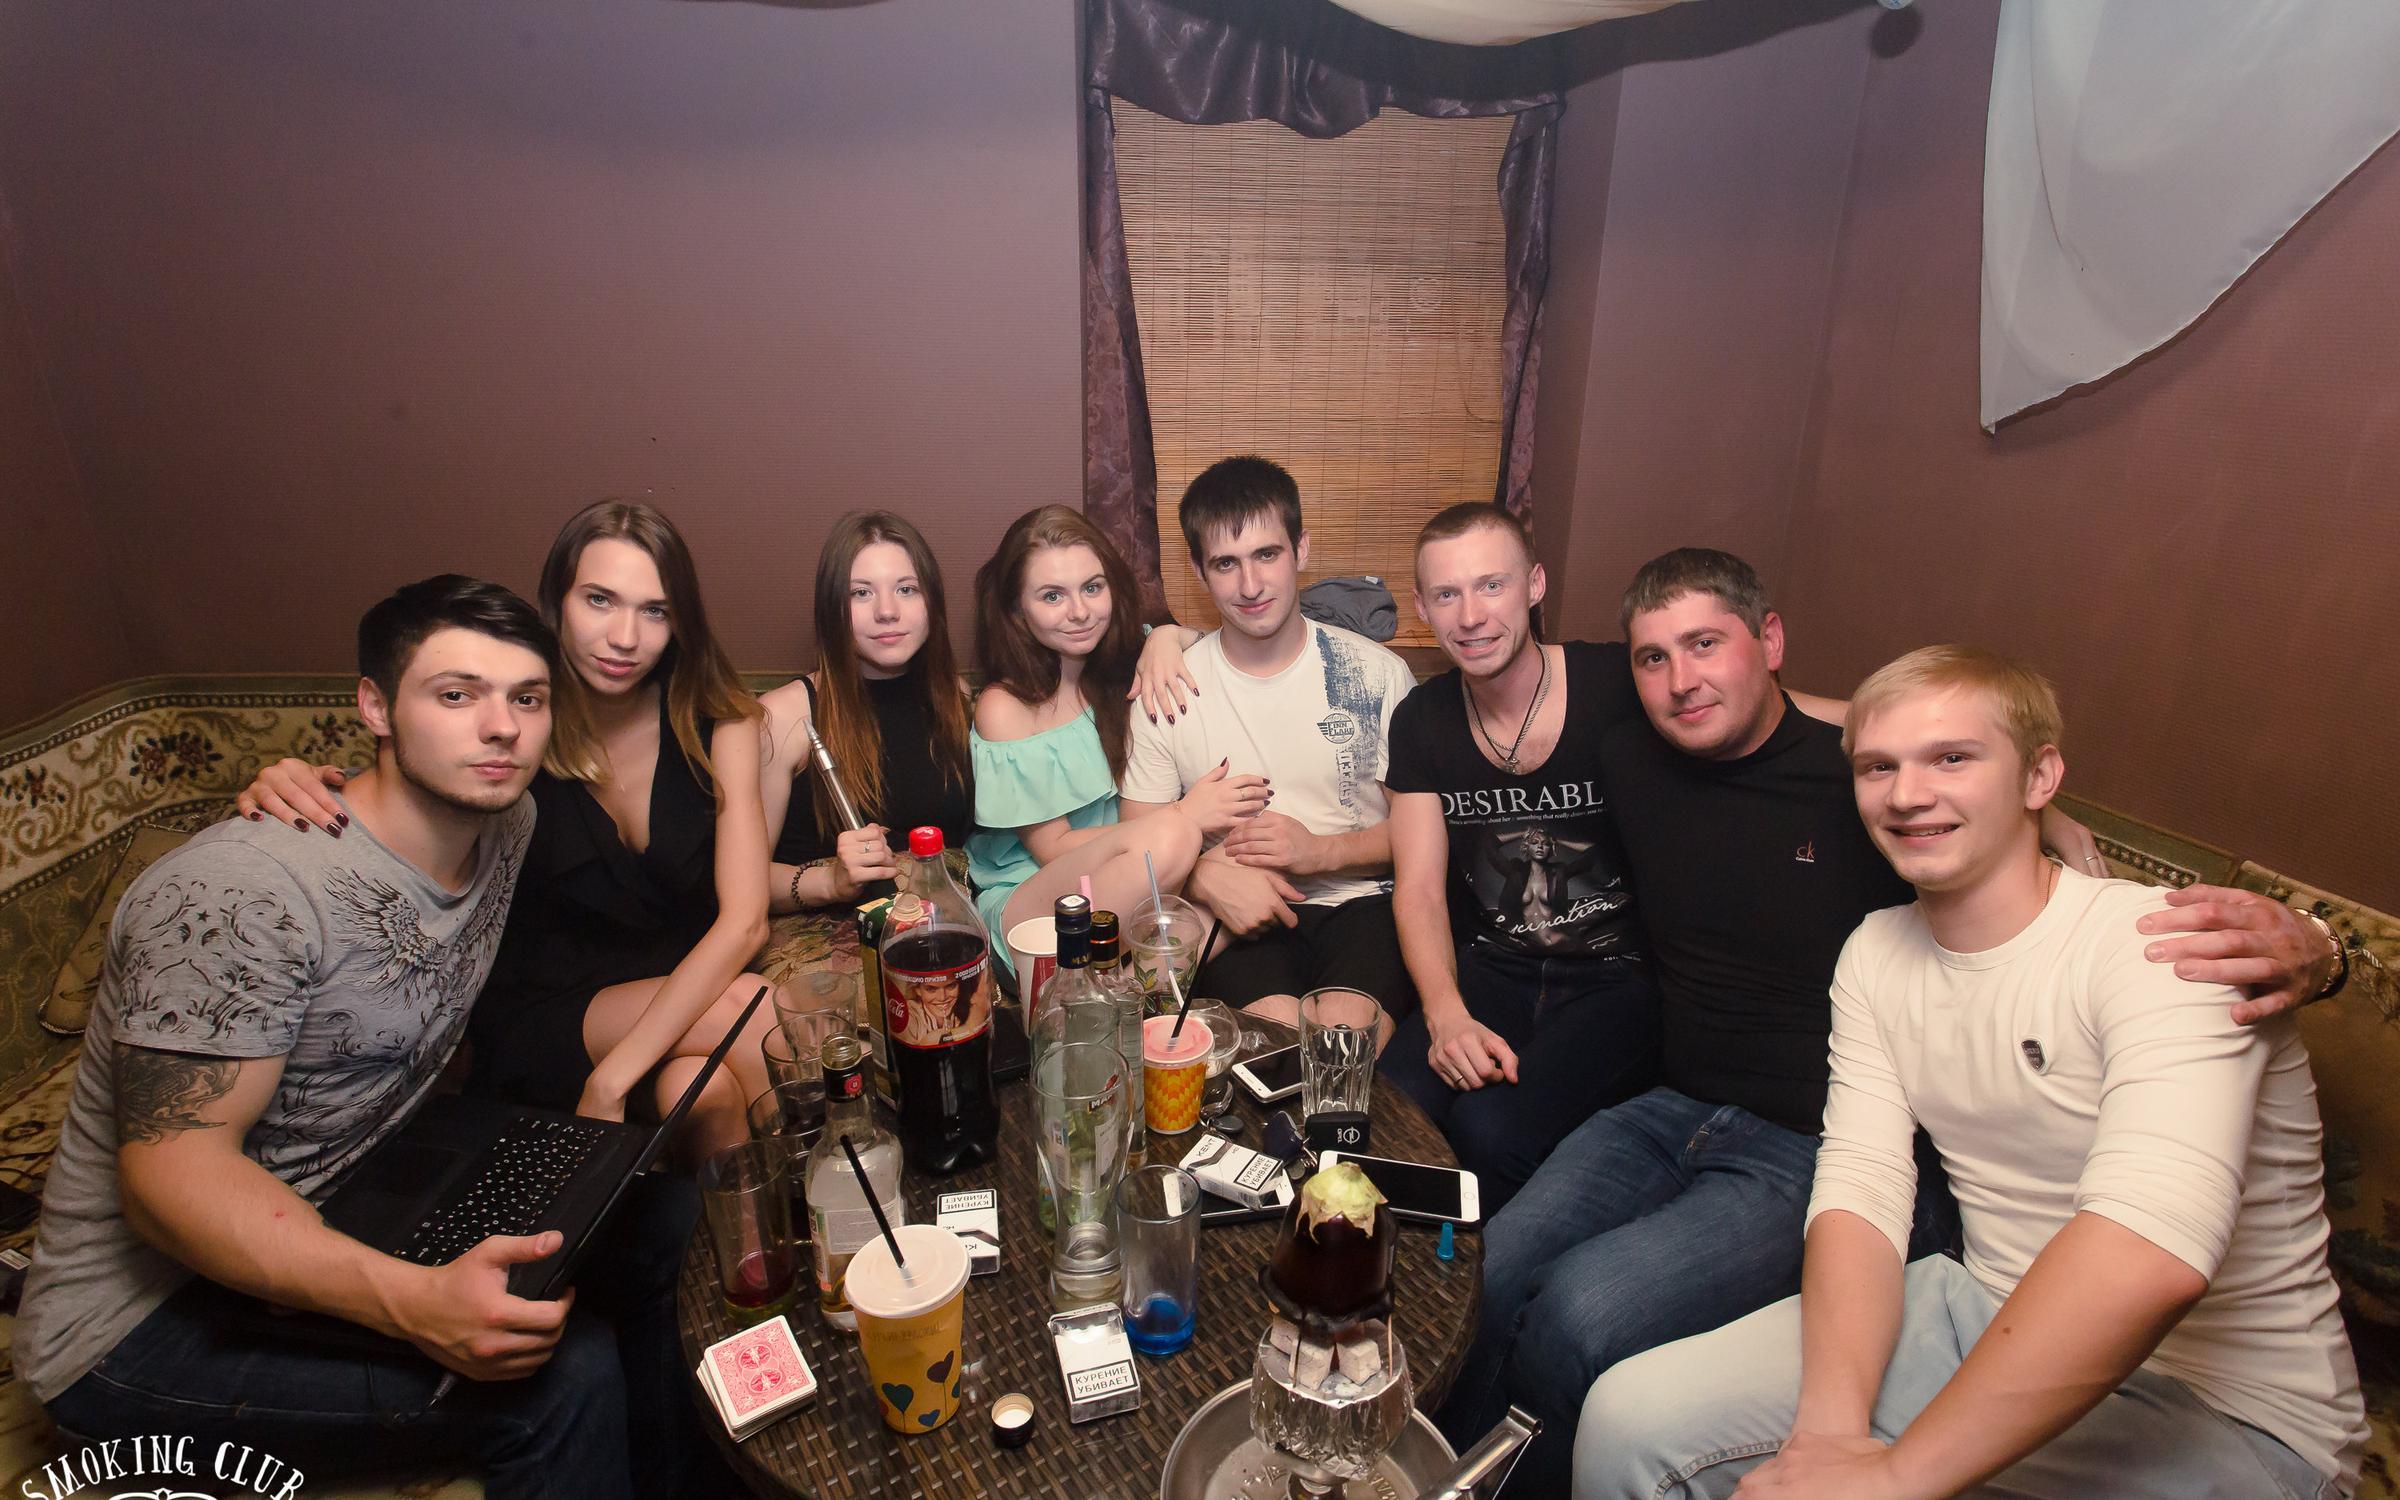 фотография Кальянной SK SmoKing club